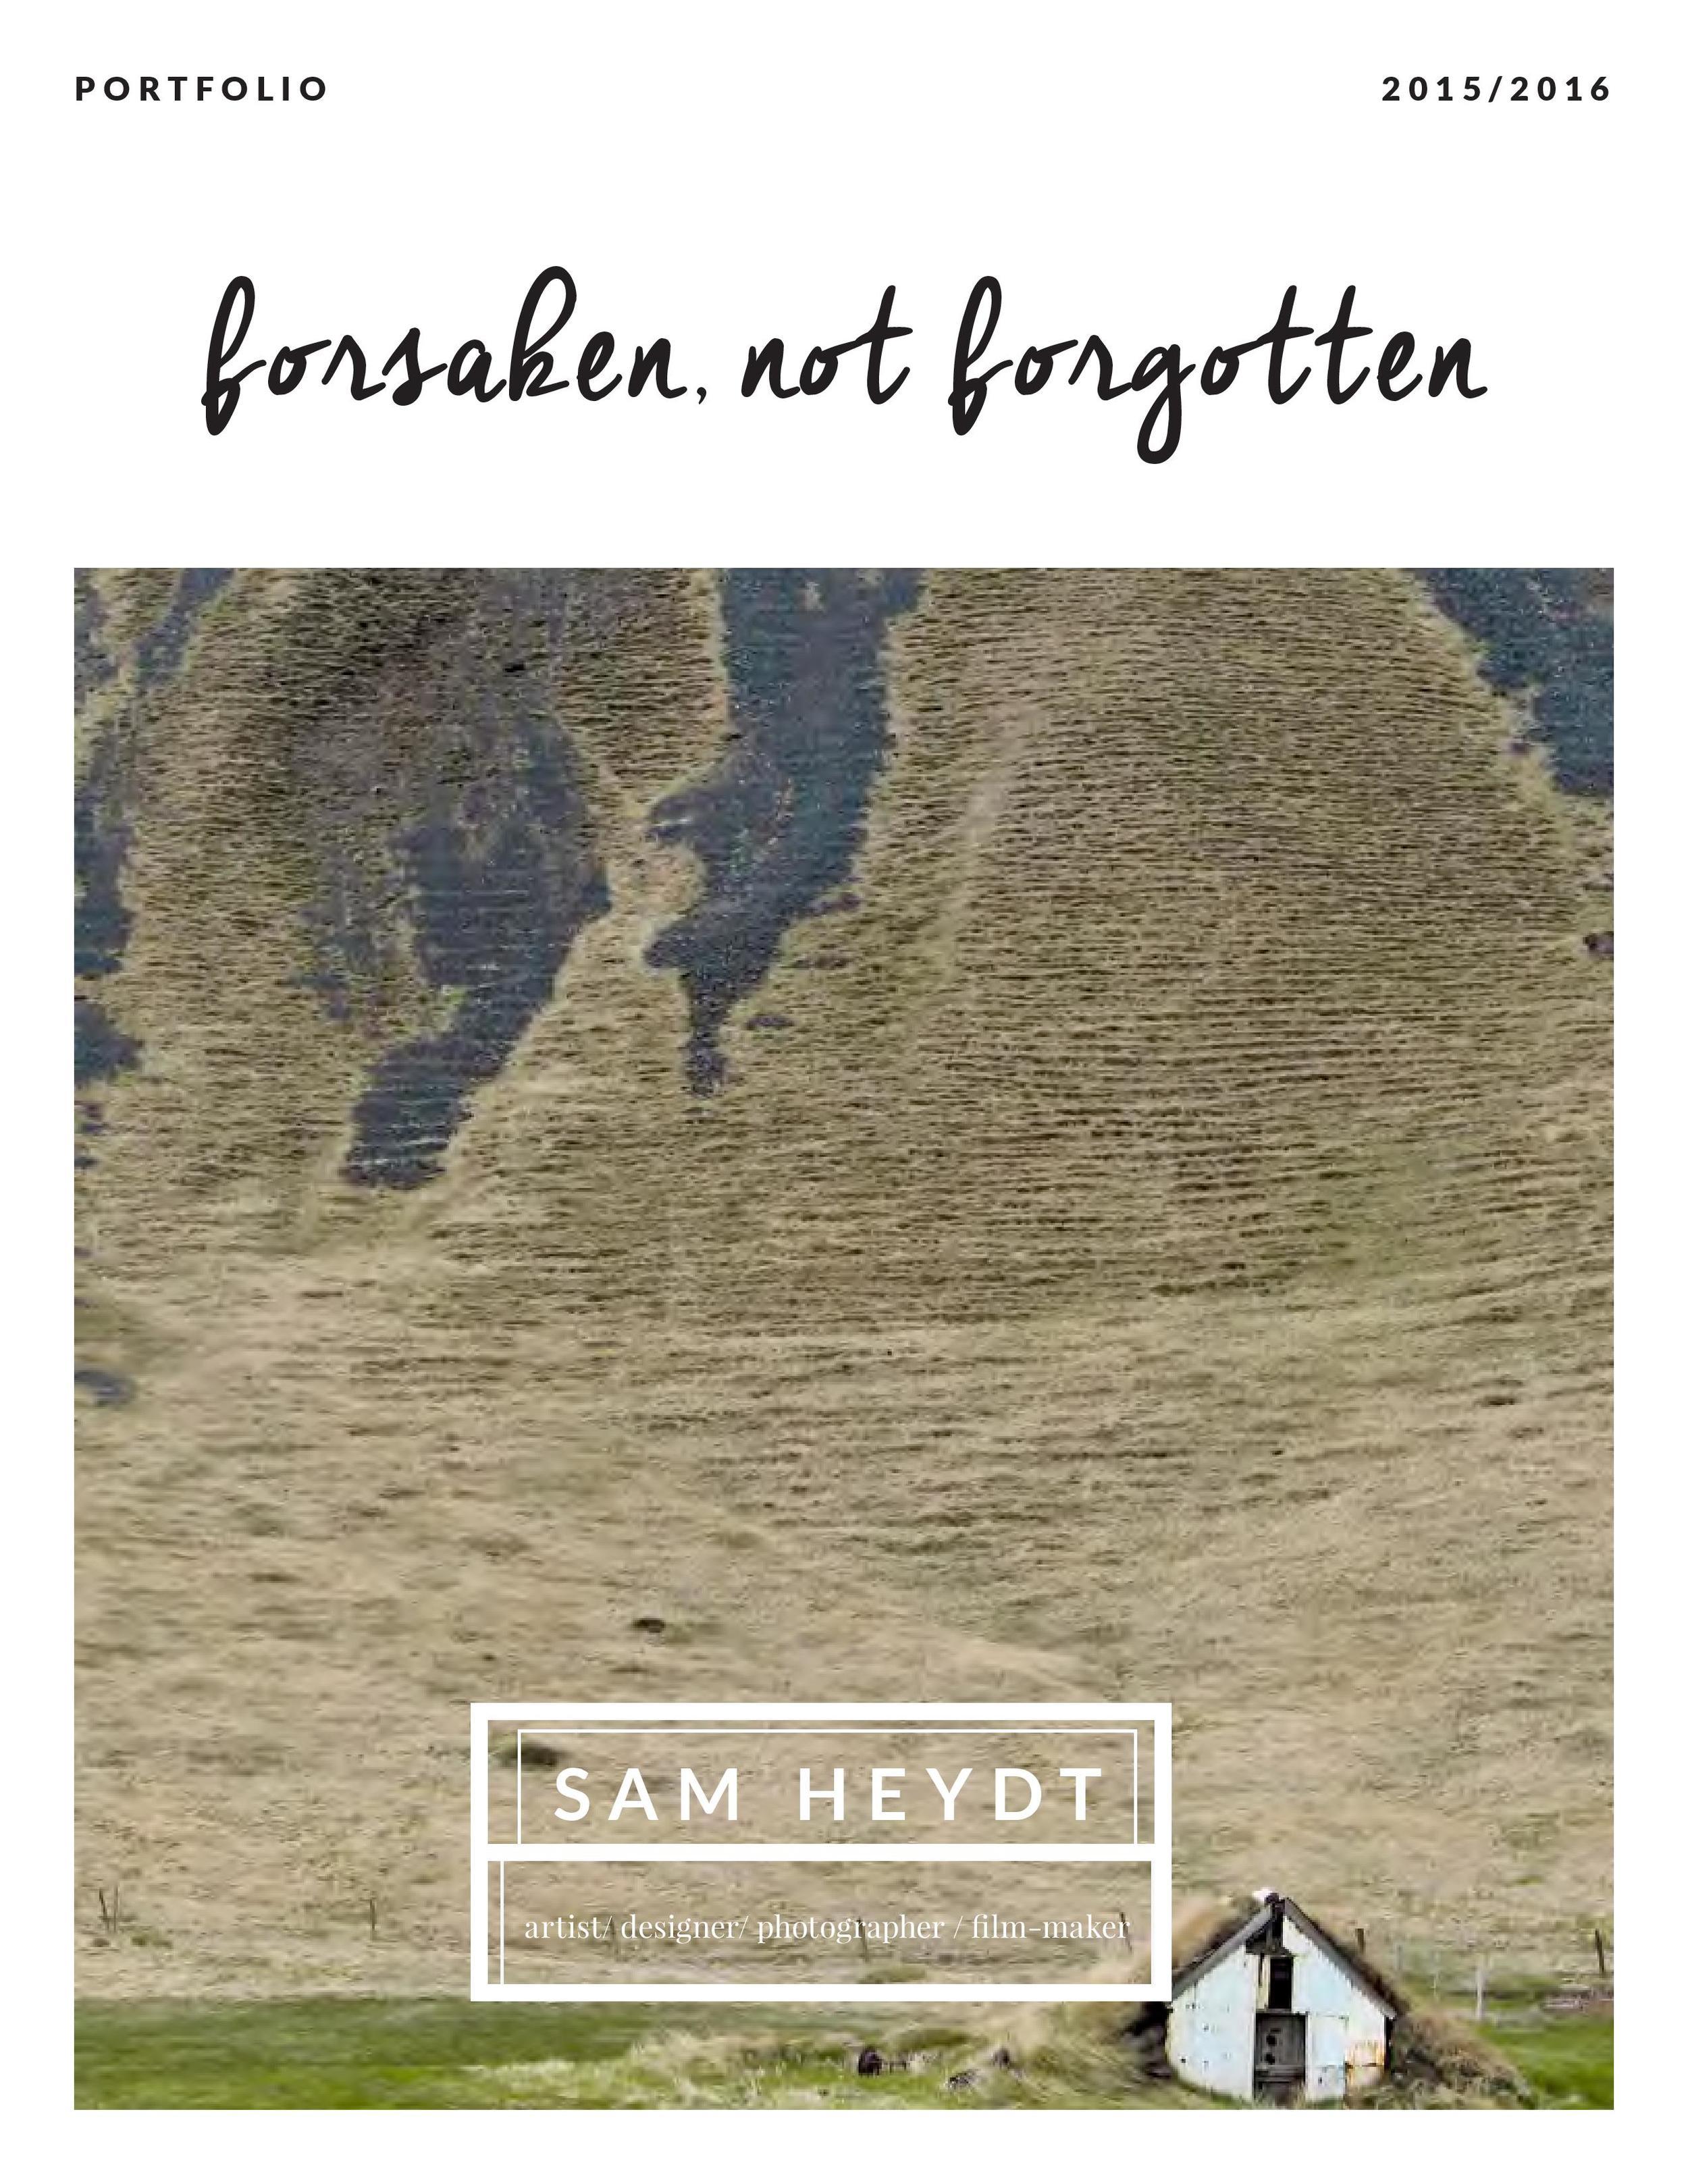 ForsakenNotForgotten-Catalog-HEYDT-page-001.jpg